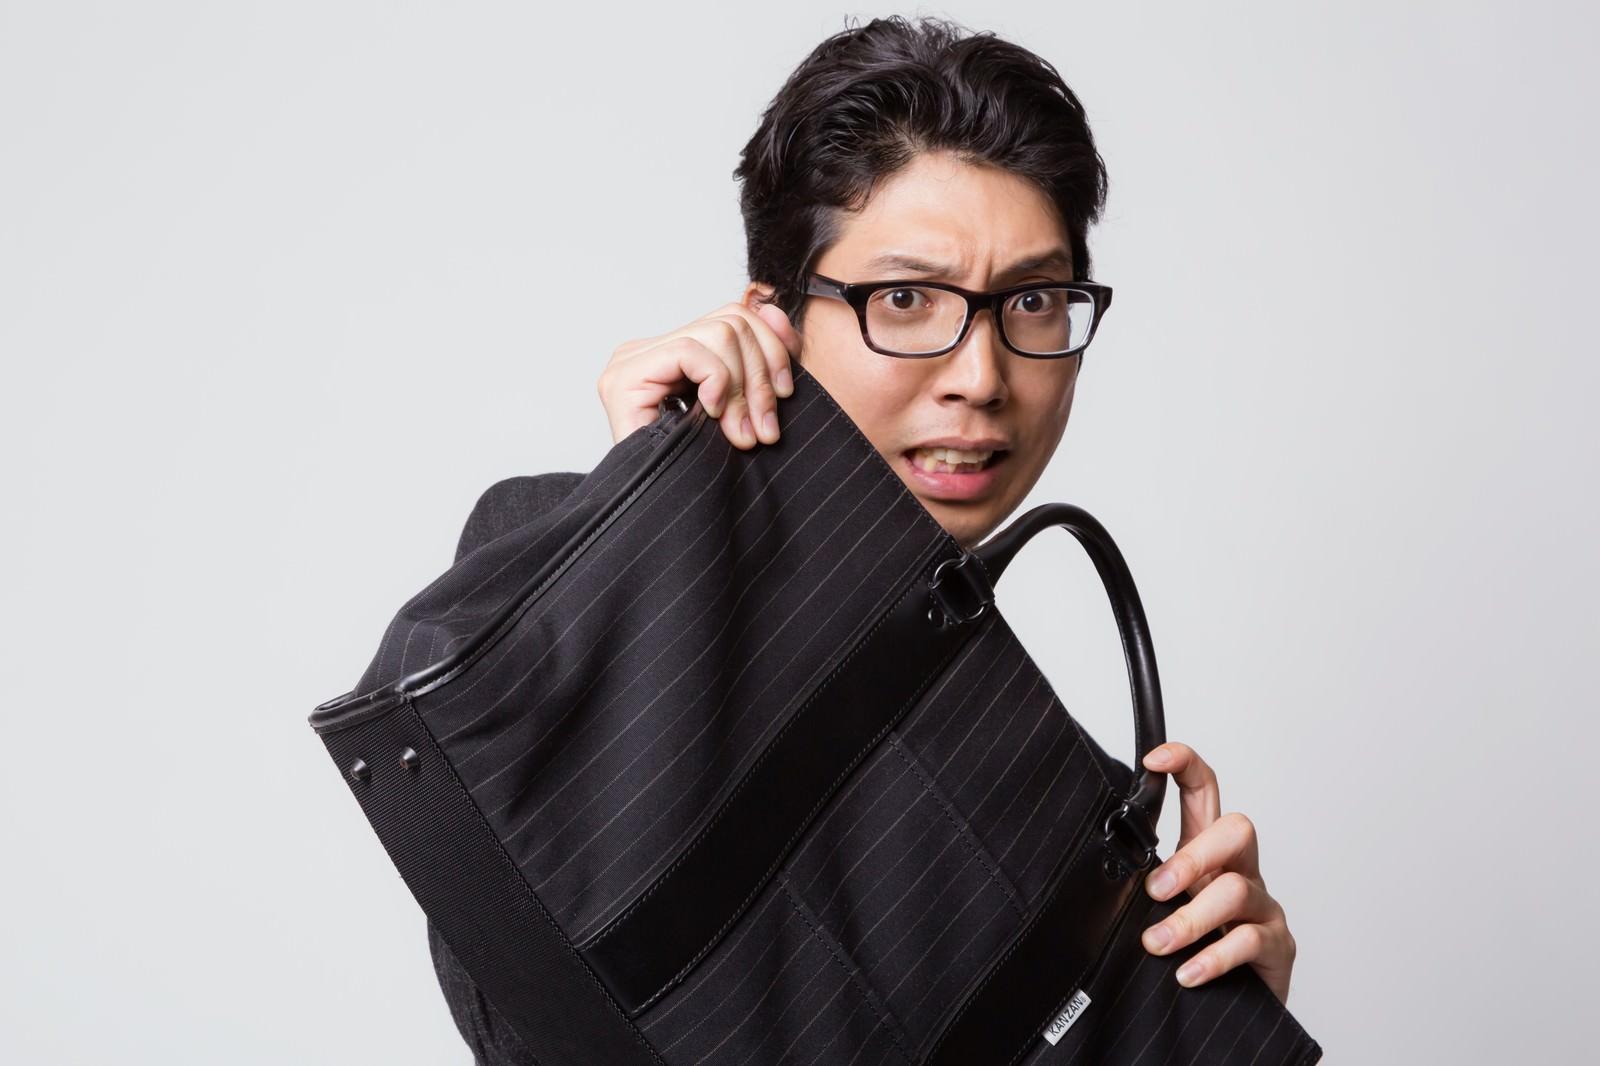 「鞄でガード(防御)する怯えた表情のビジネスマン鞄でガード(防御)する怯えた表情のビジネスマン」[モデル:紳さん]のフリー写真素材を拡大